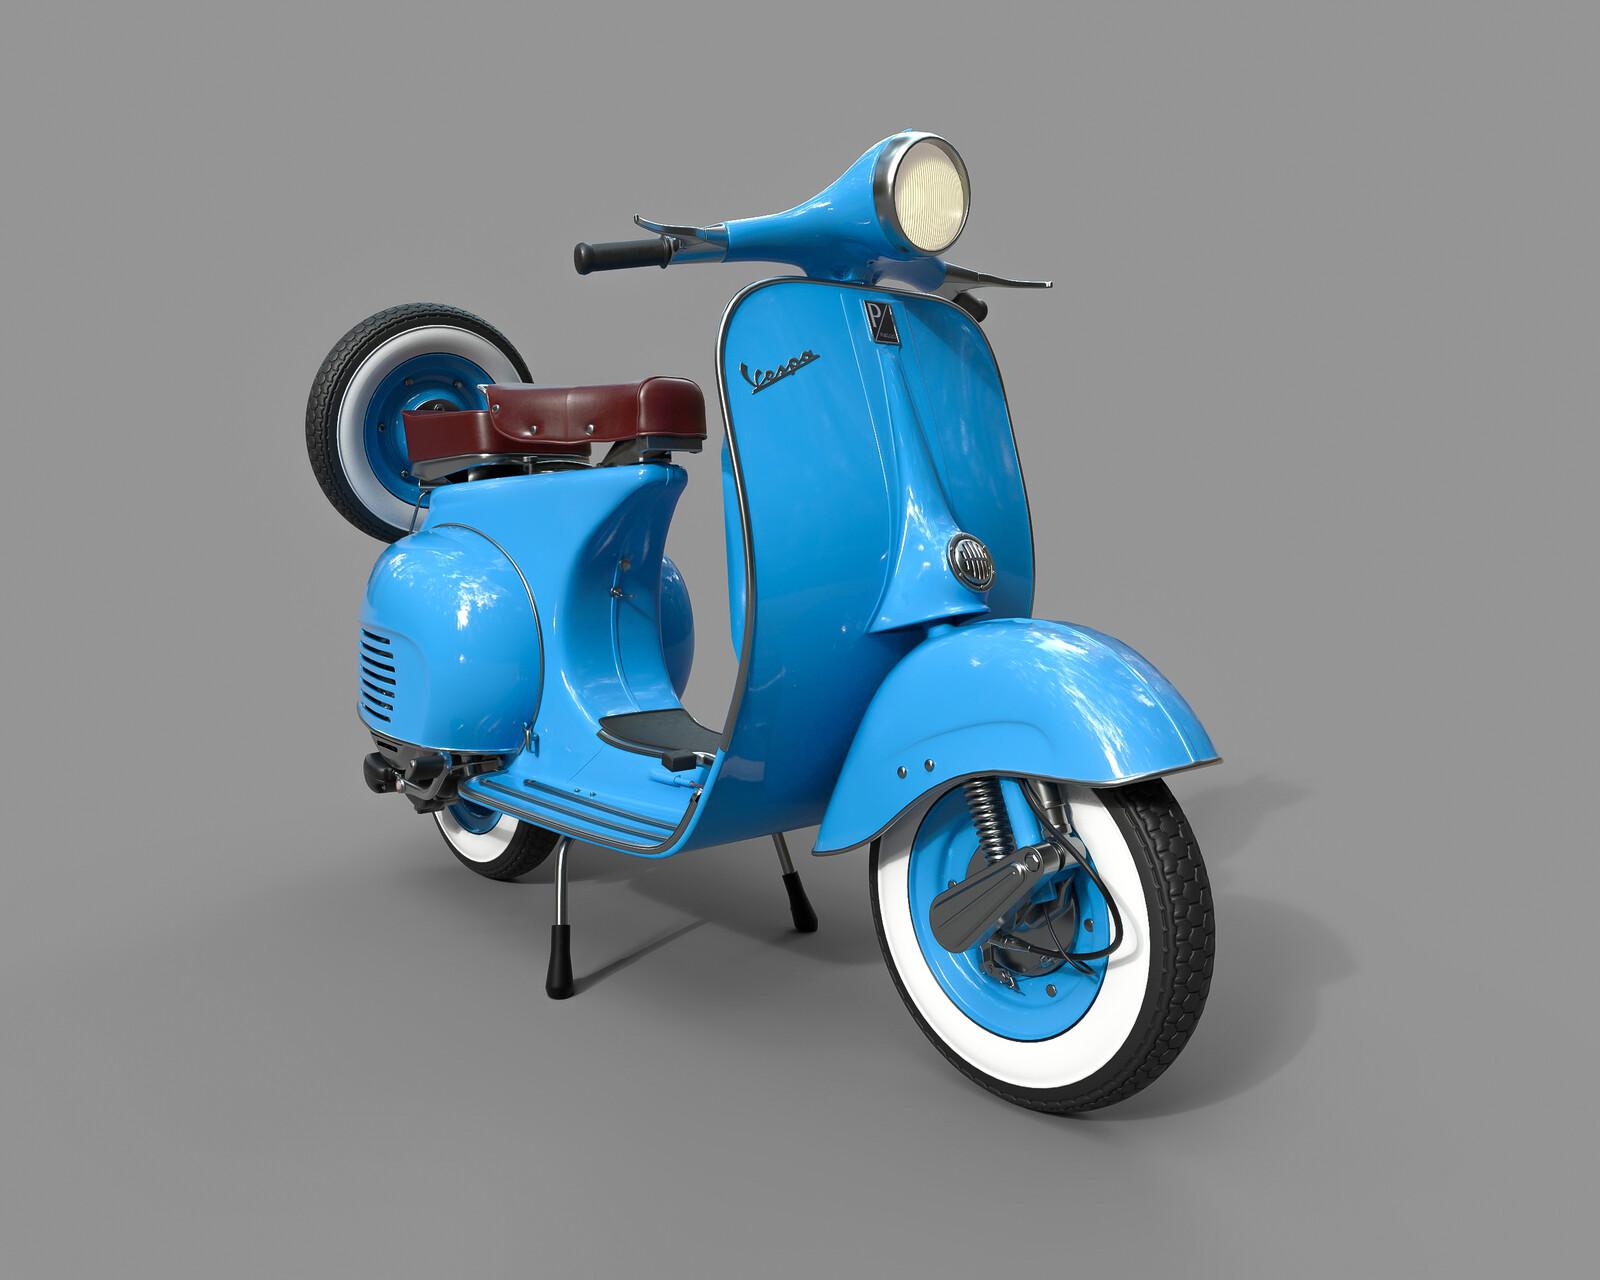 1966 Piaggio Vespa